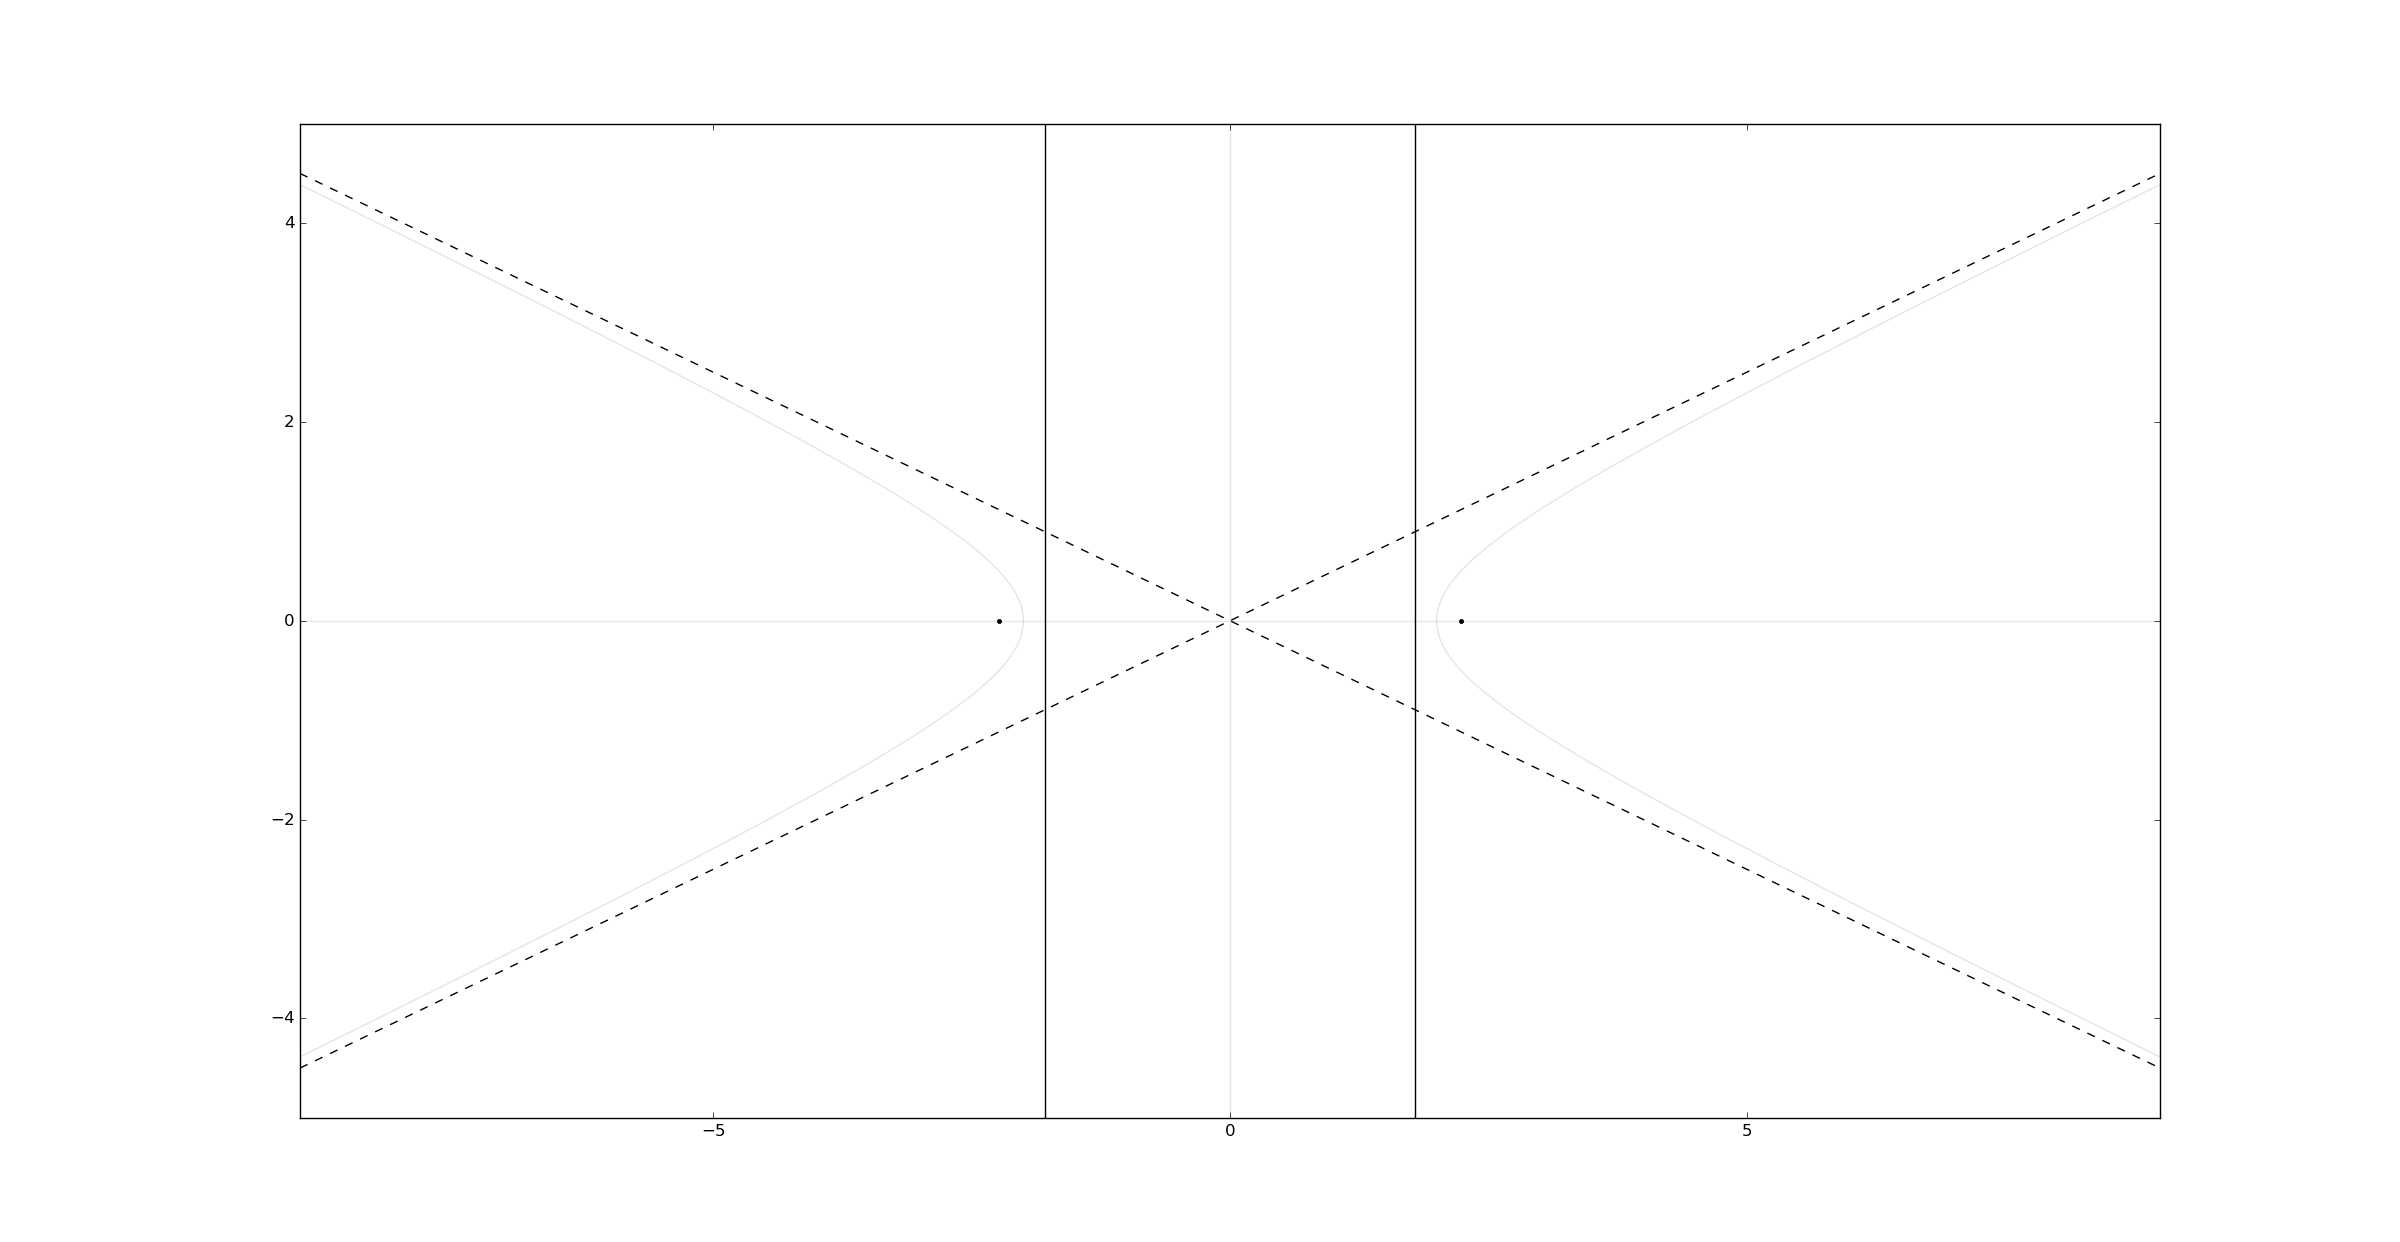 Python Matplotlib hyperbola